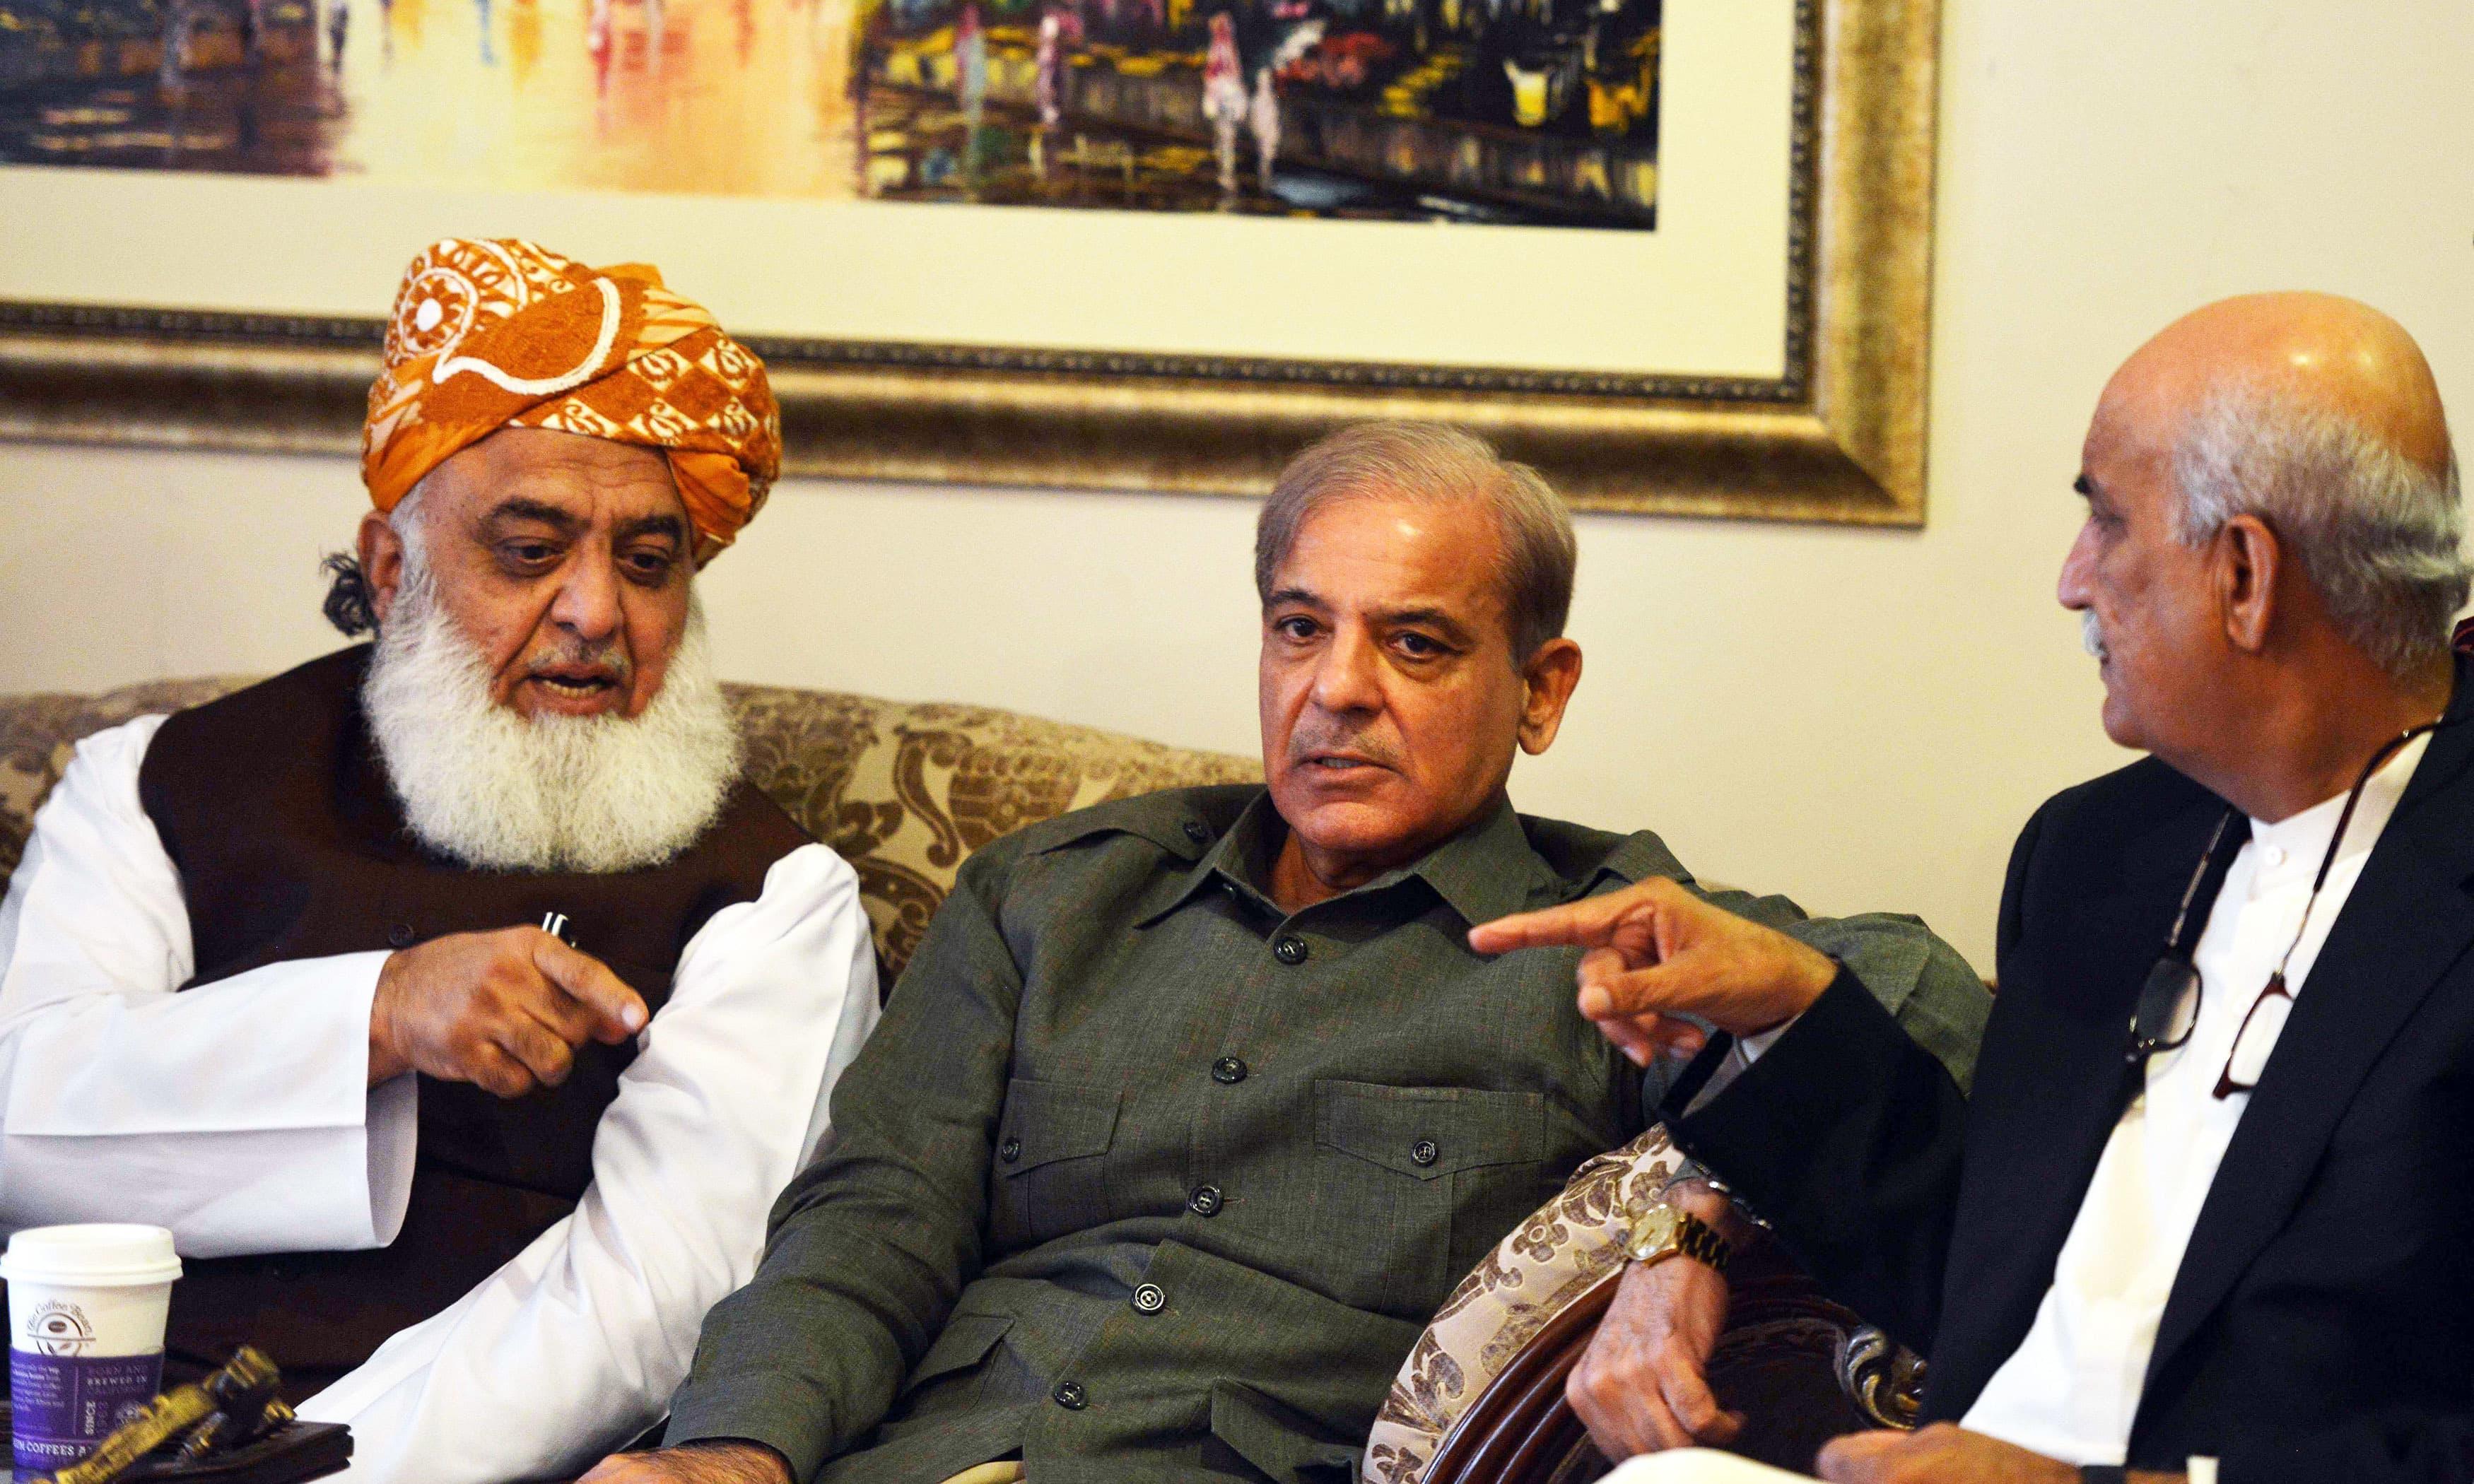 Shahbaz Sharif speaks with Fazalur Rehman and Khursheed Shah. —AFP